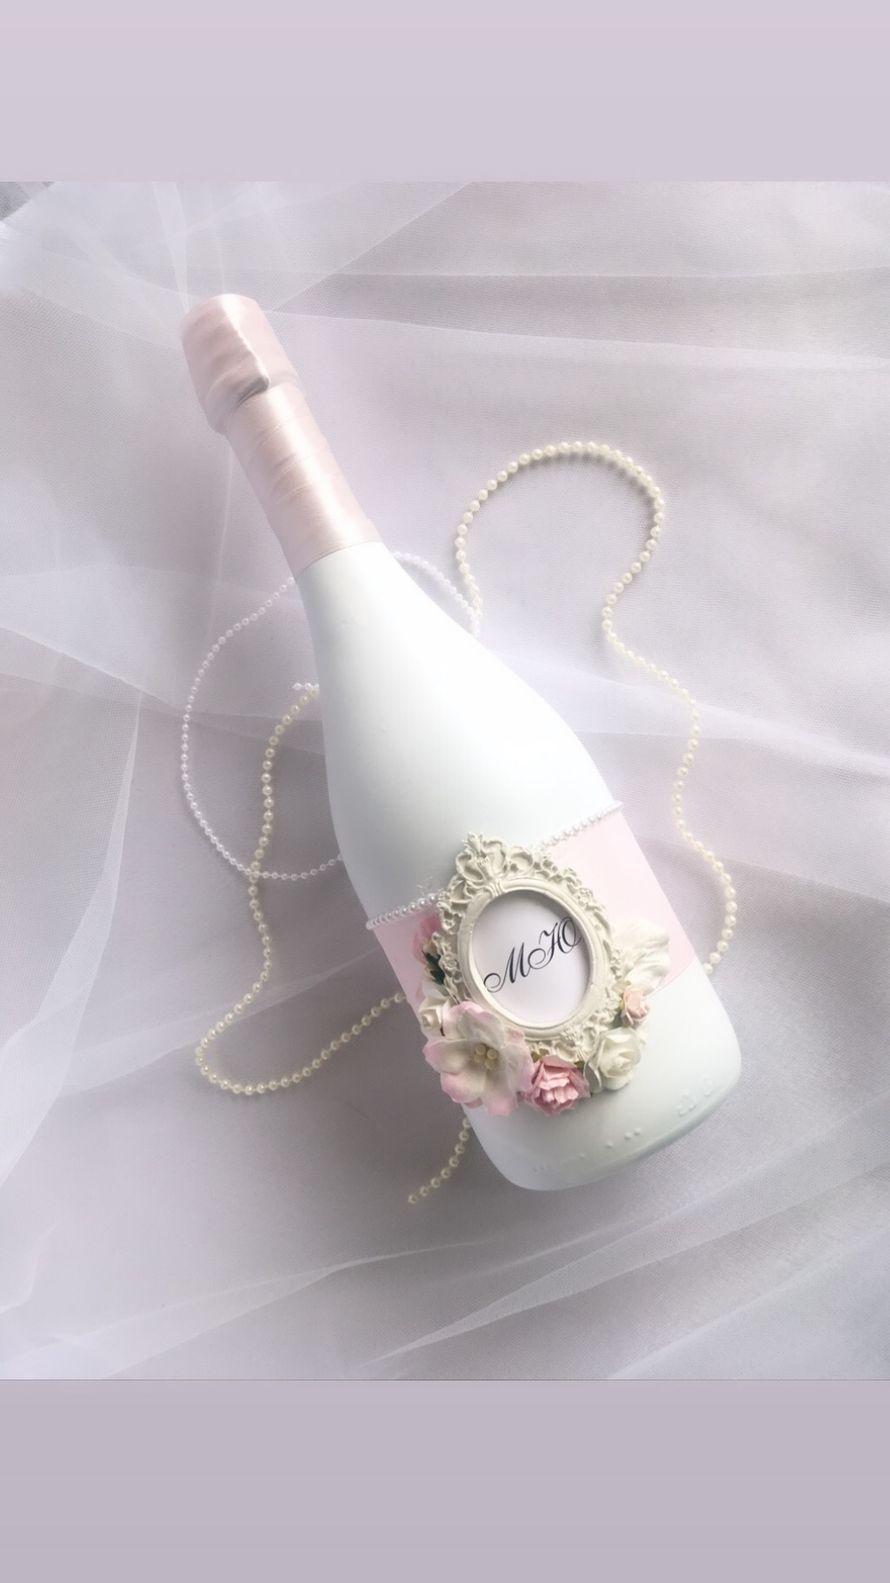 Фото 19143812 в коллекции 2019 - Wedding accessories - мастерская аксессуаров